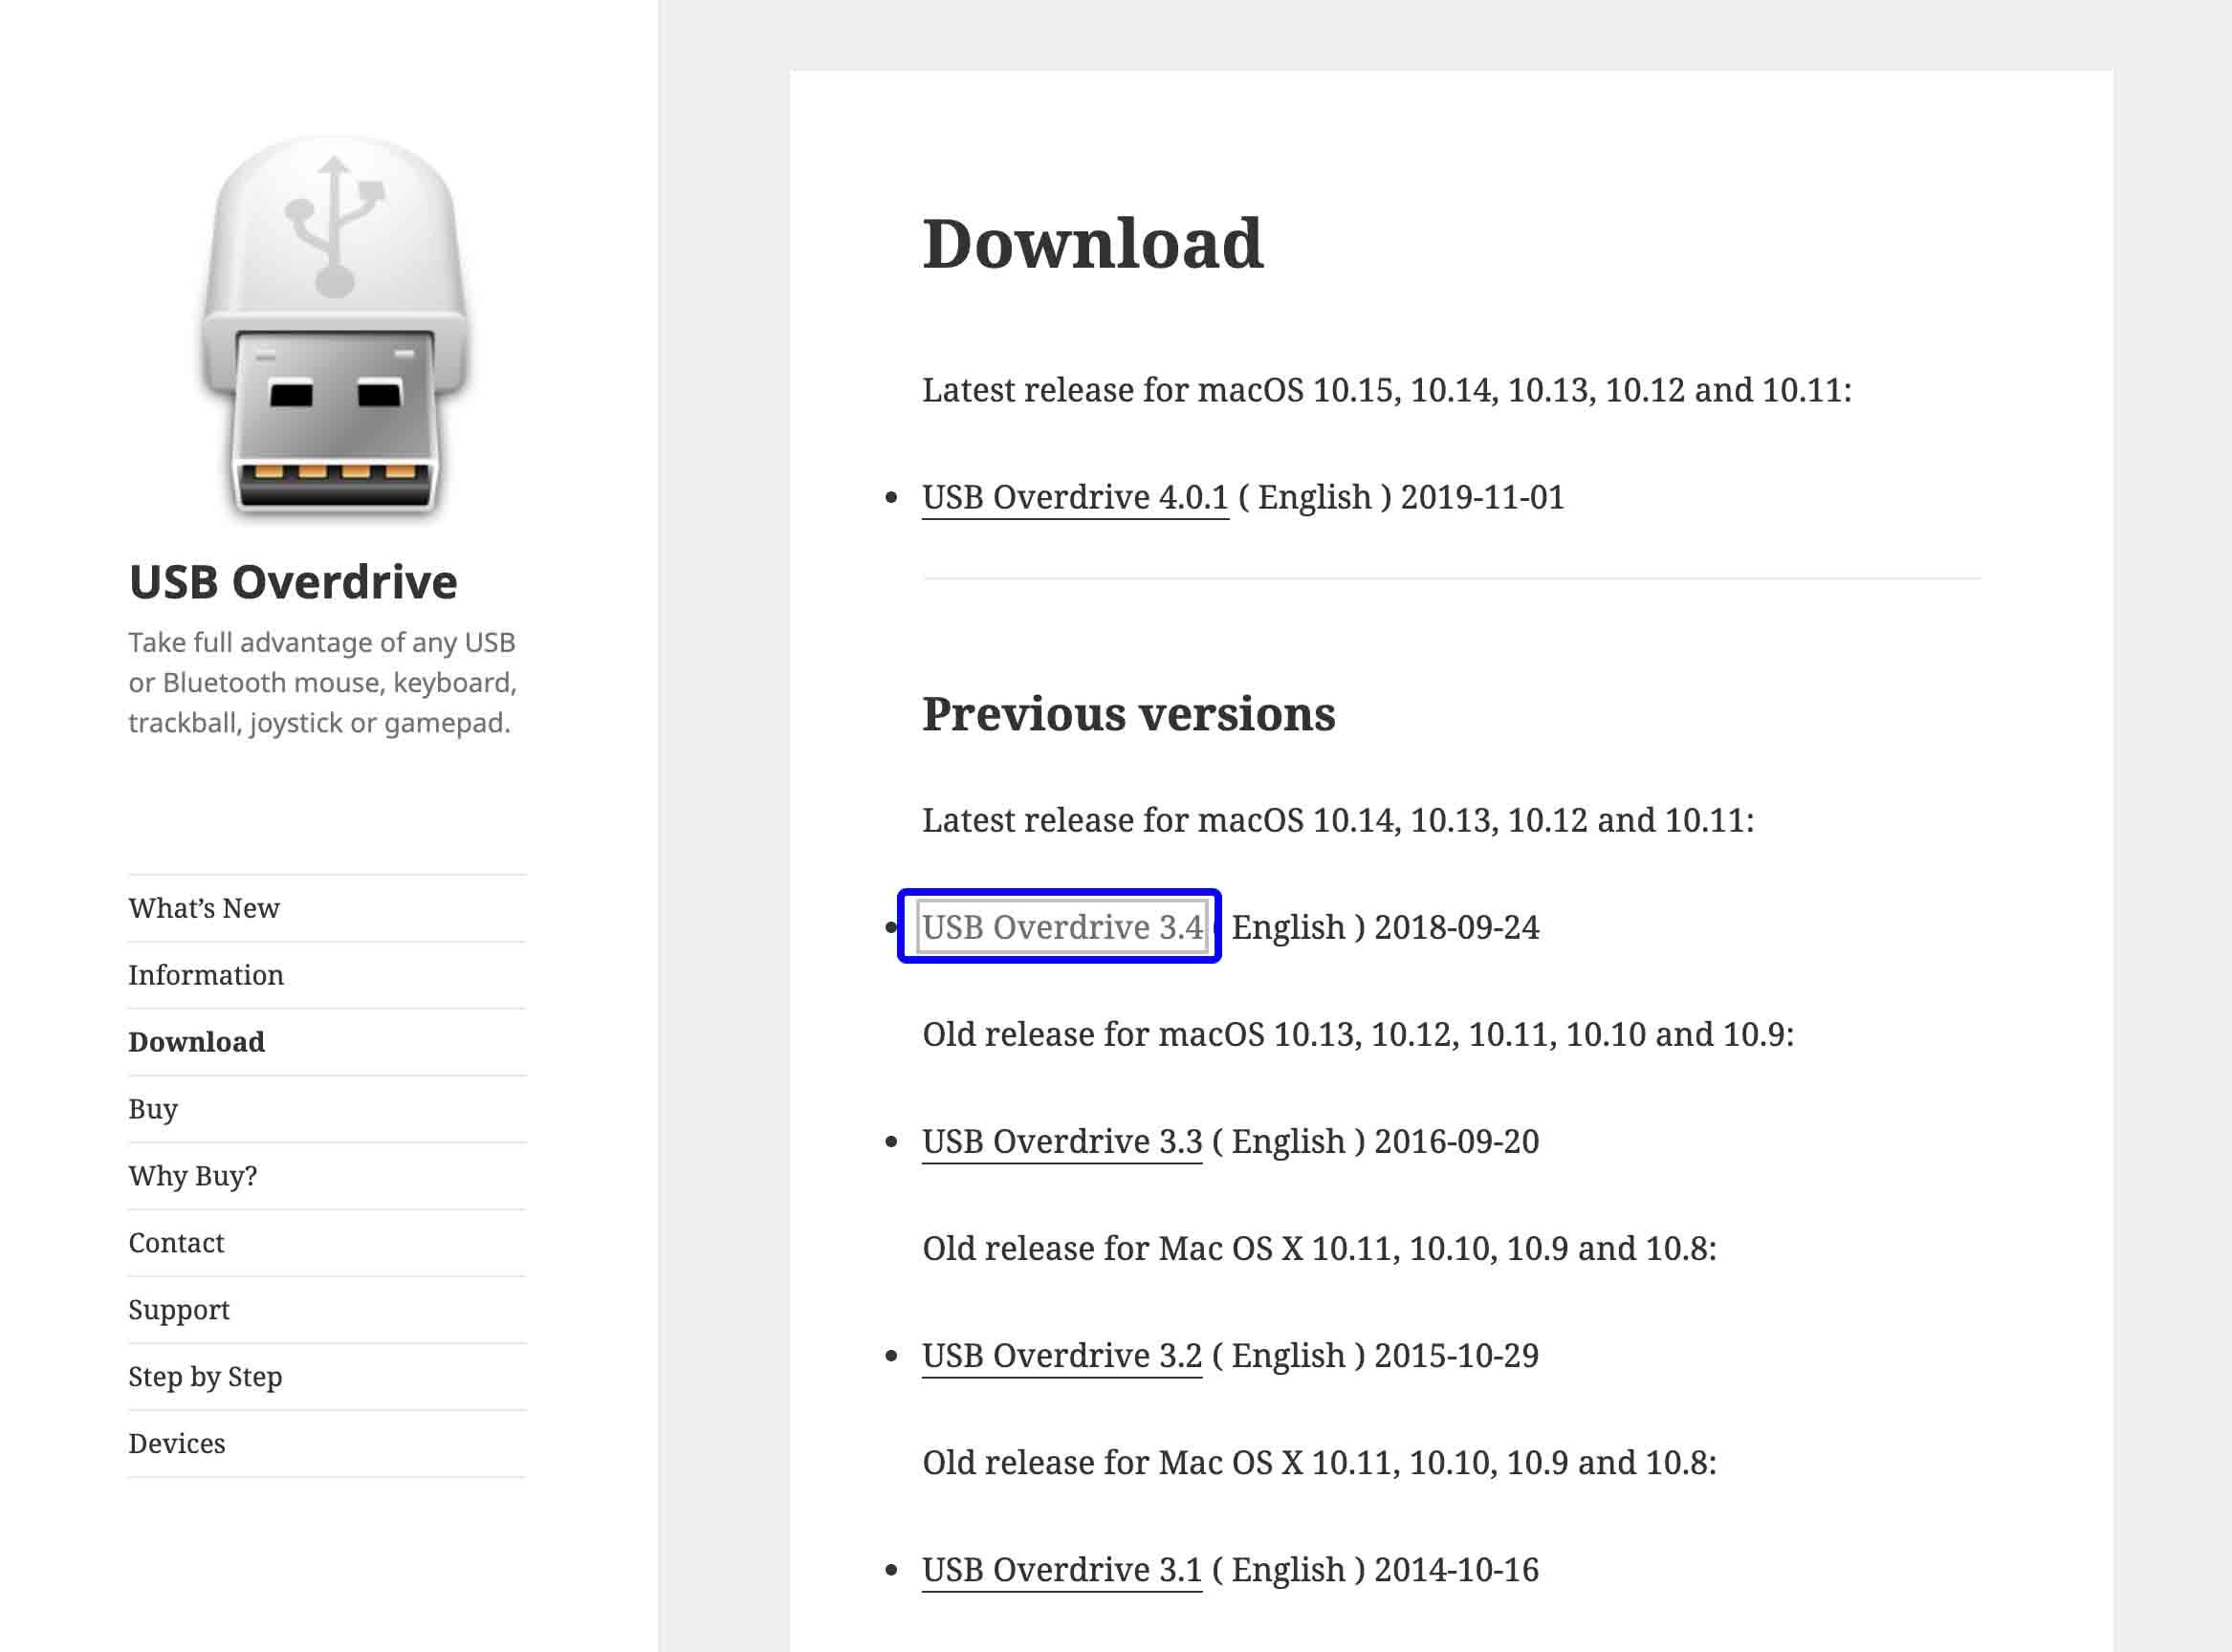 USBOverdriveの3.4を選択